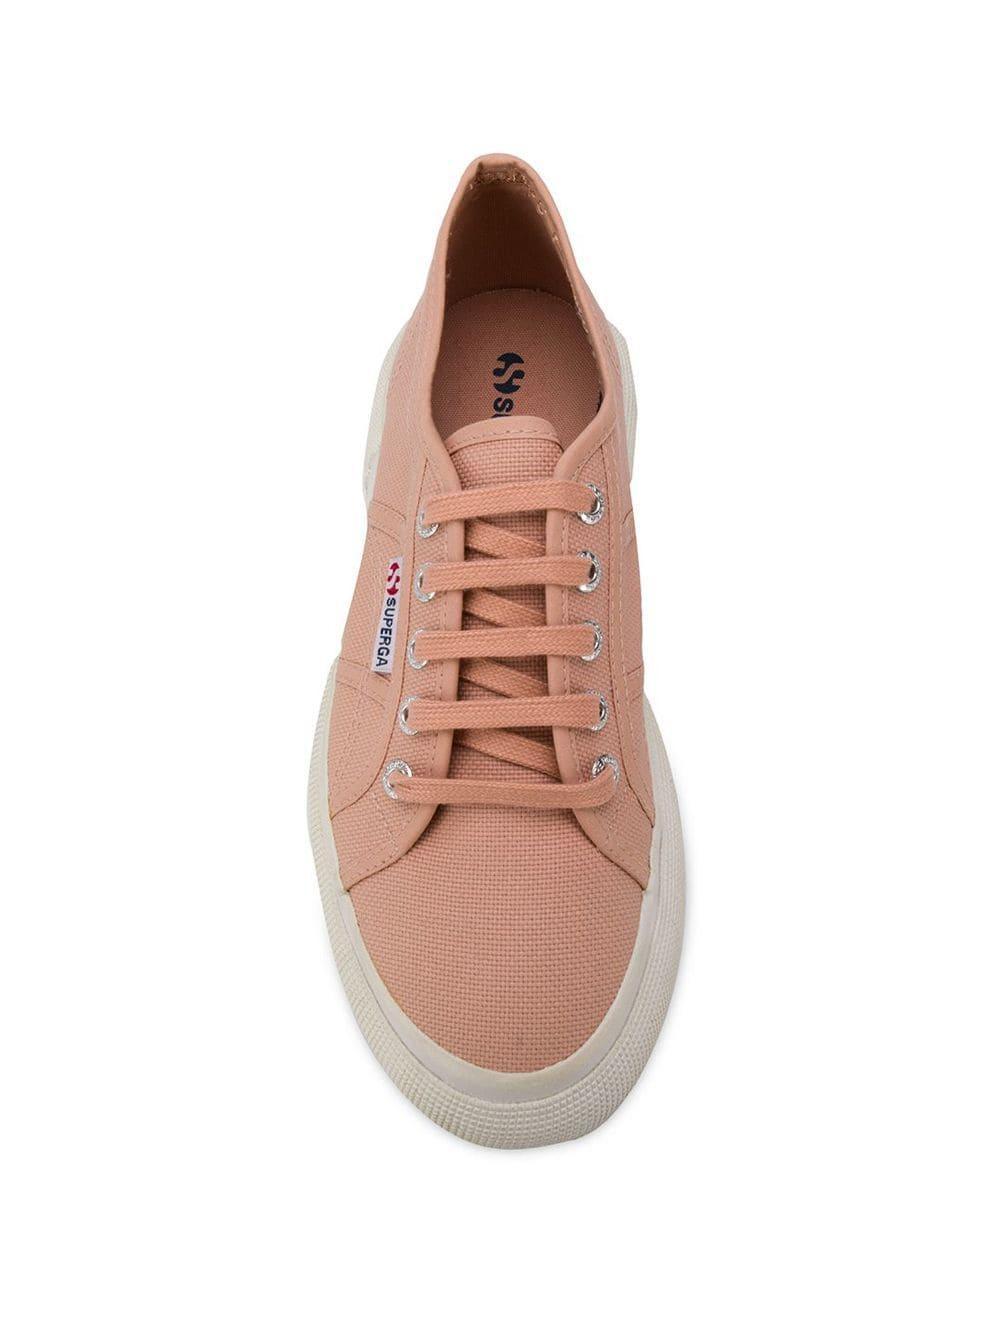 Zapatillas 2287 Cotu Superga de Algodón de color Rosa